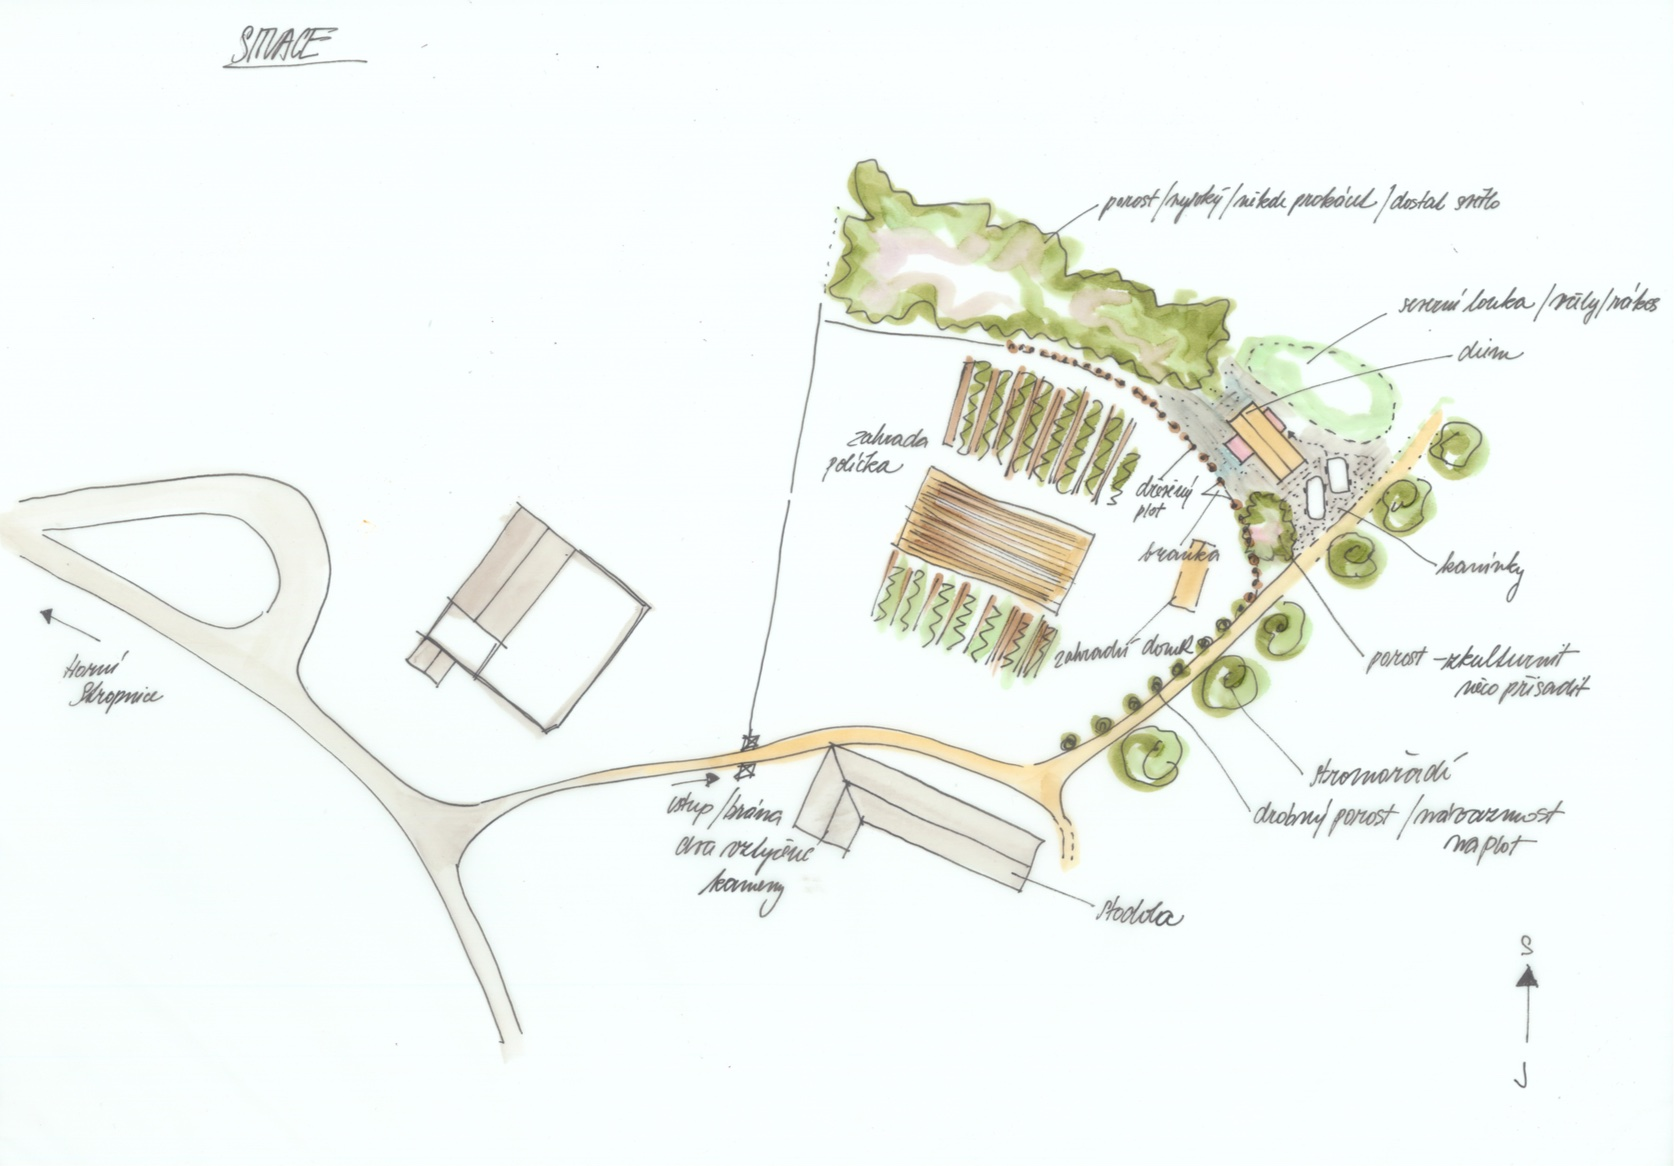 Dům Tři světnice - ruční skica - situace návrhu. Autor: Kurz architekti